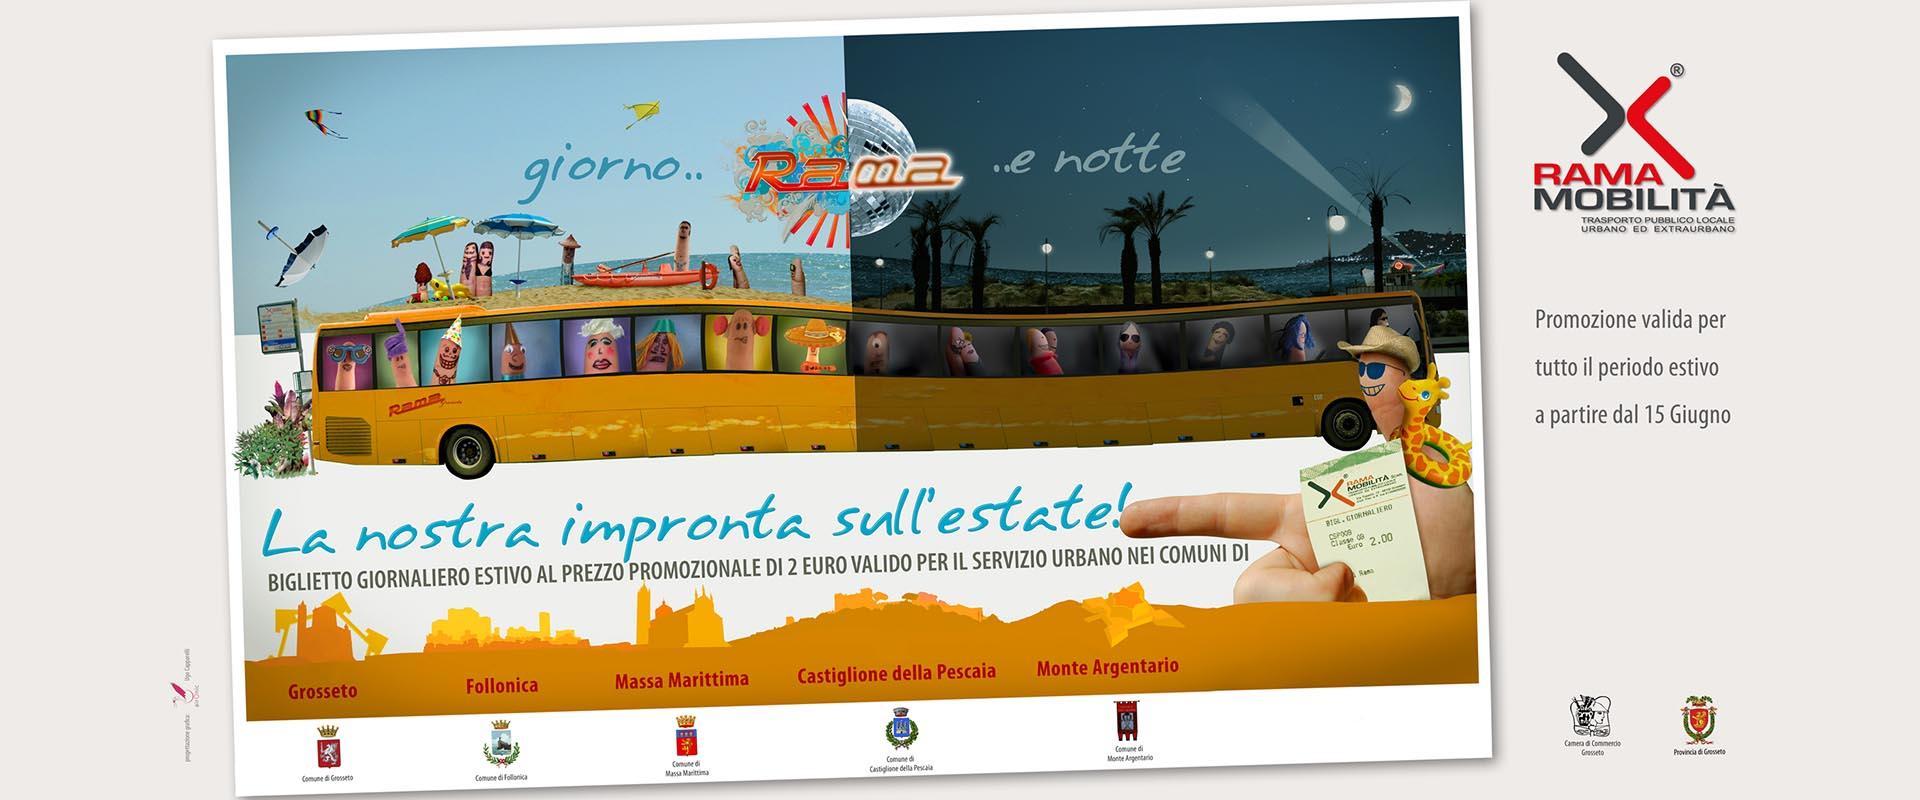 aironic_comunicazione_grosseto_rama_campagna_estate